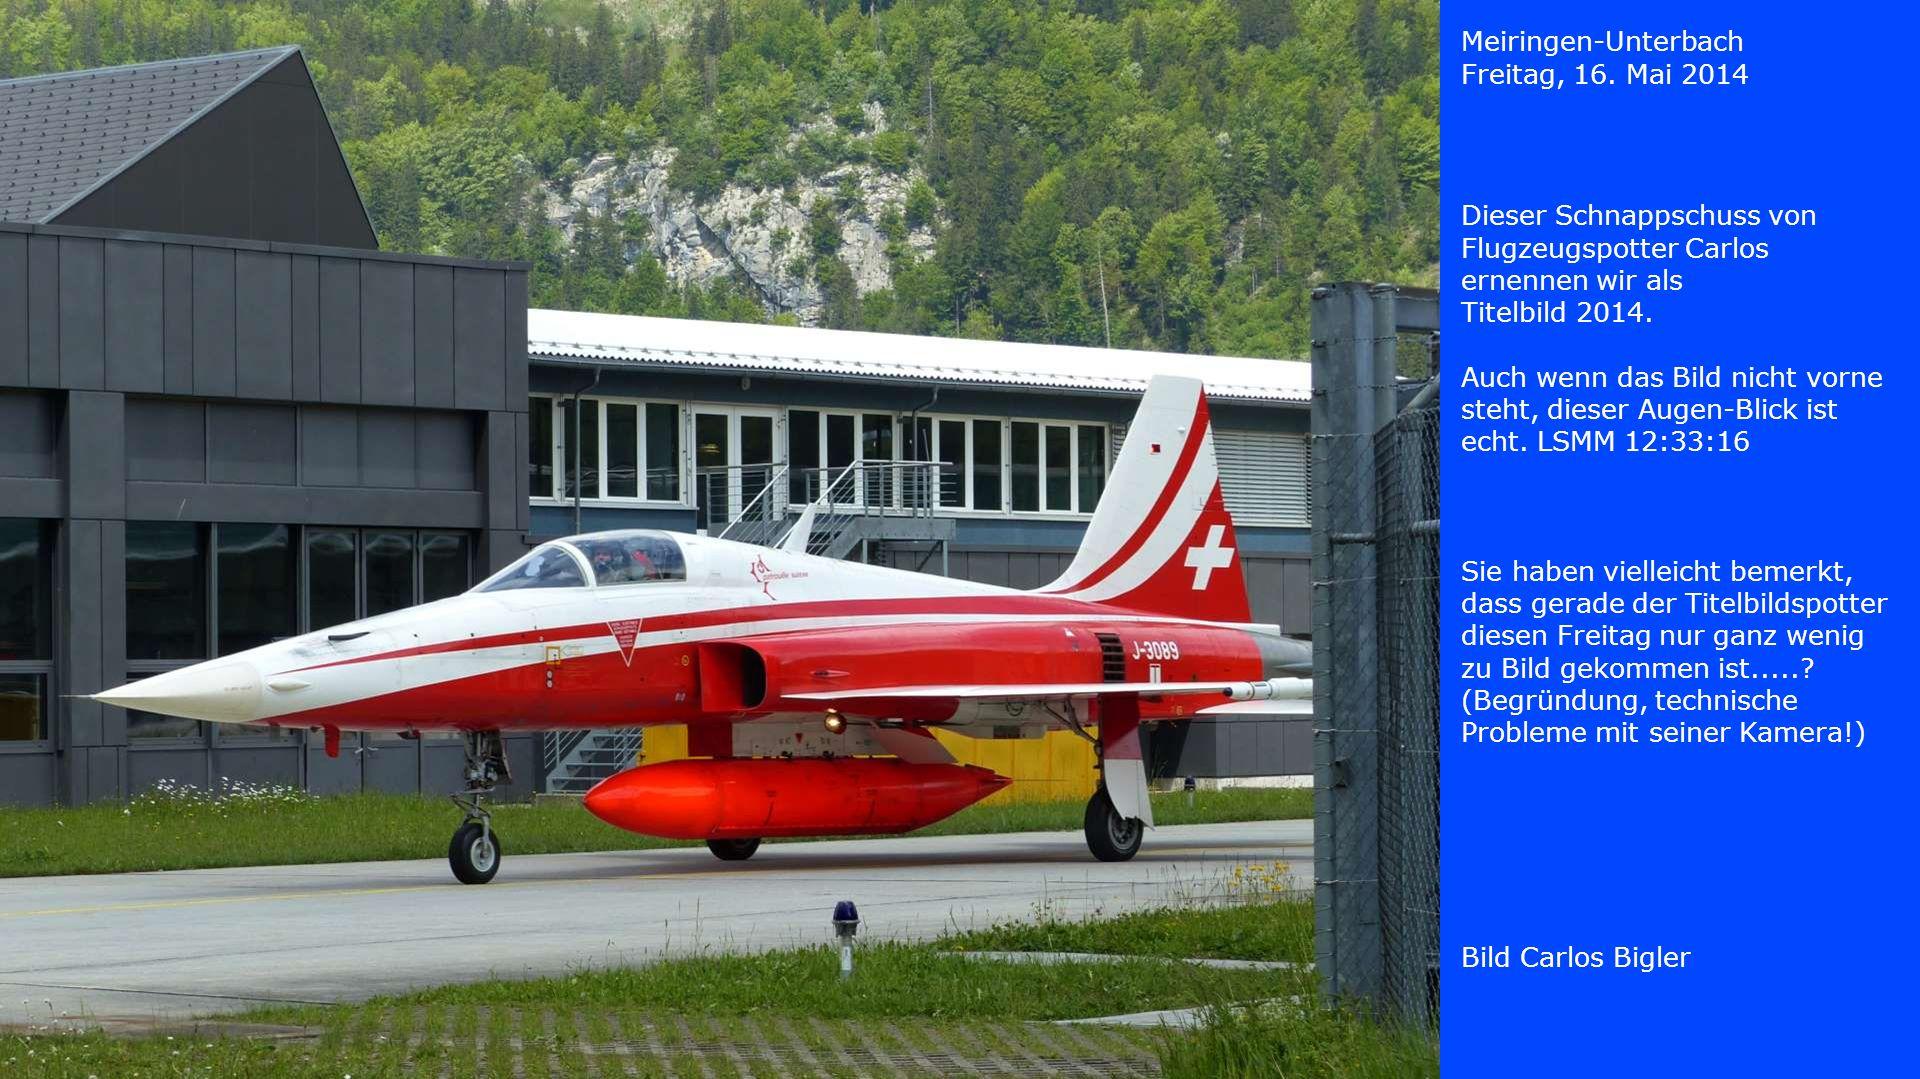 Meiringen-Unterbach Freitag, 16. Mai 2014. Dieser Schnappschuss von Flugzeugspotter Carlos ernennen wir als.